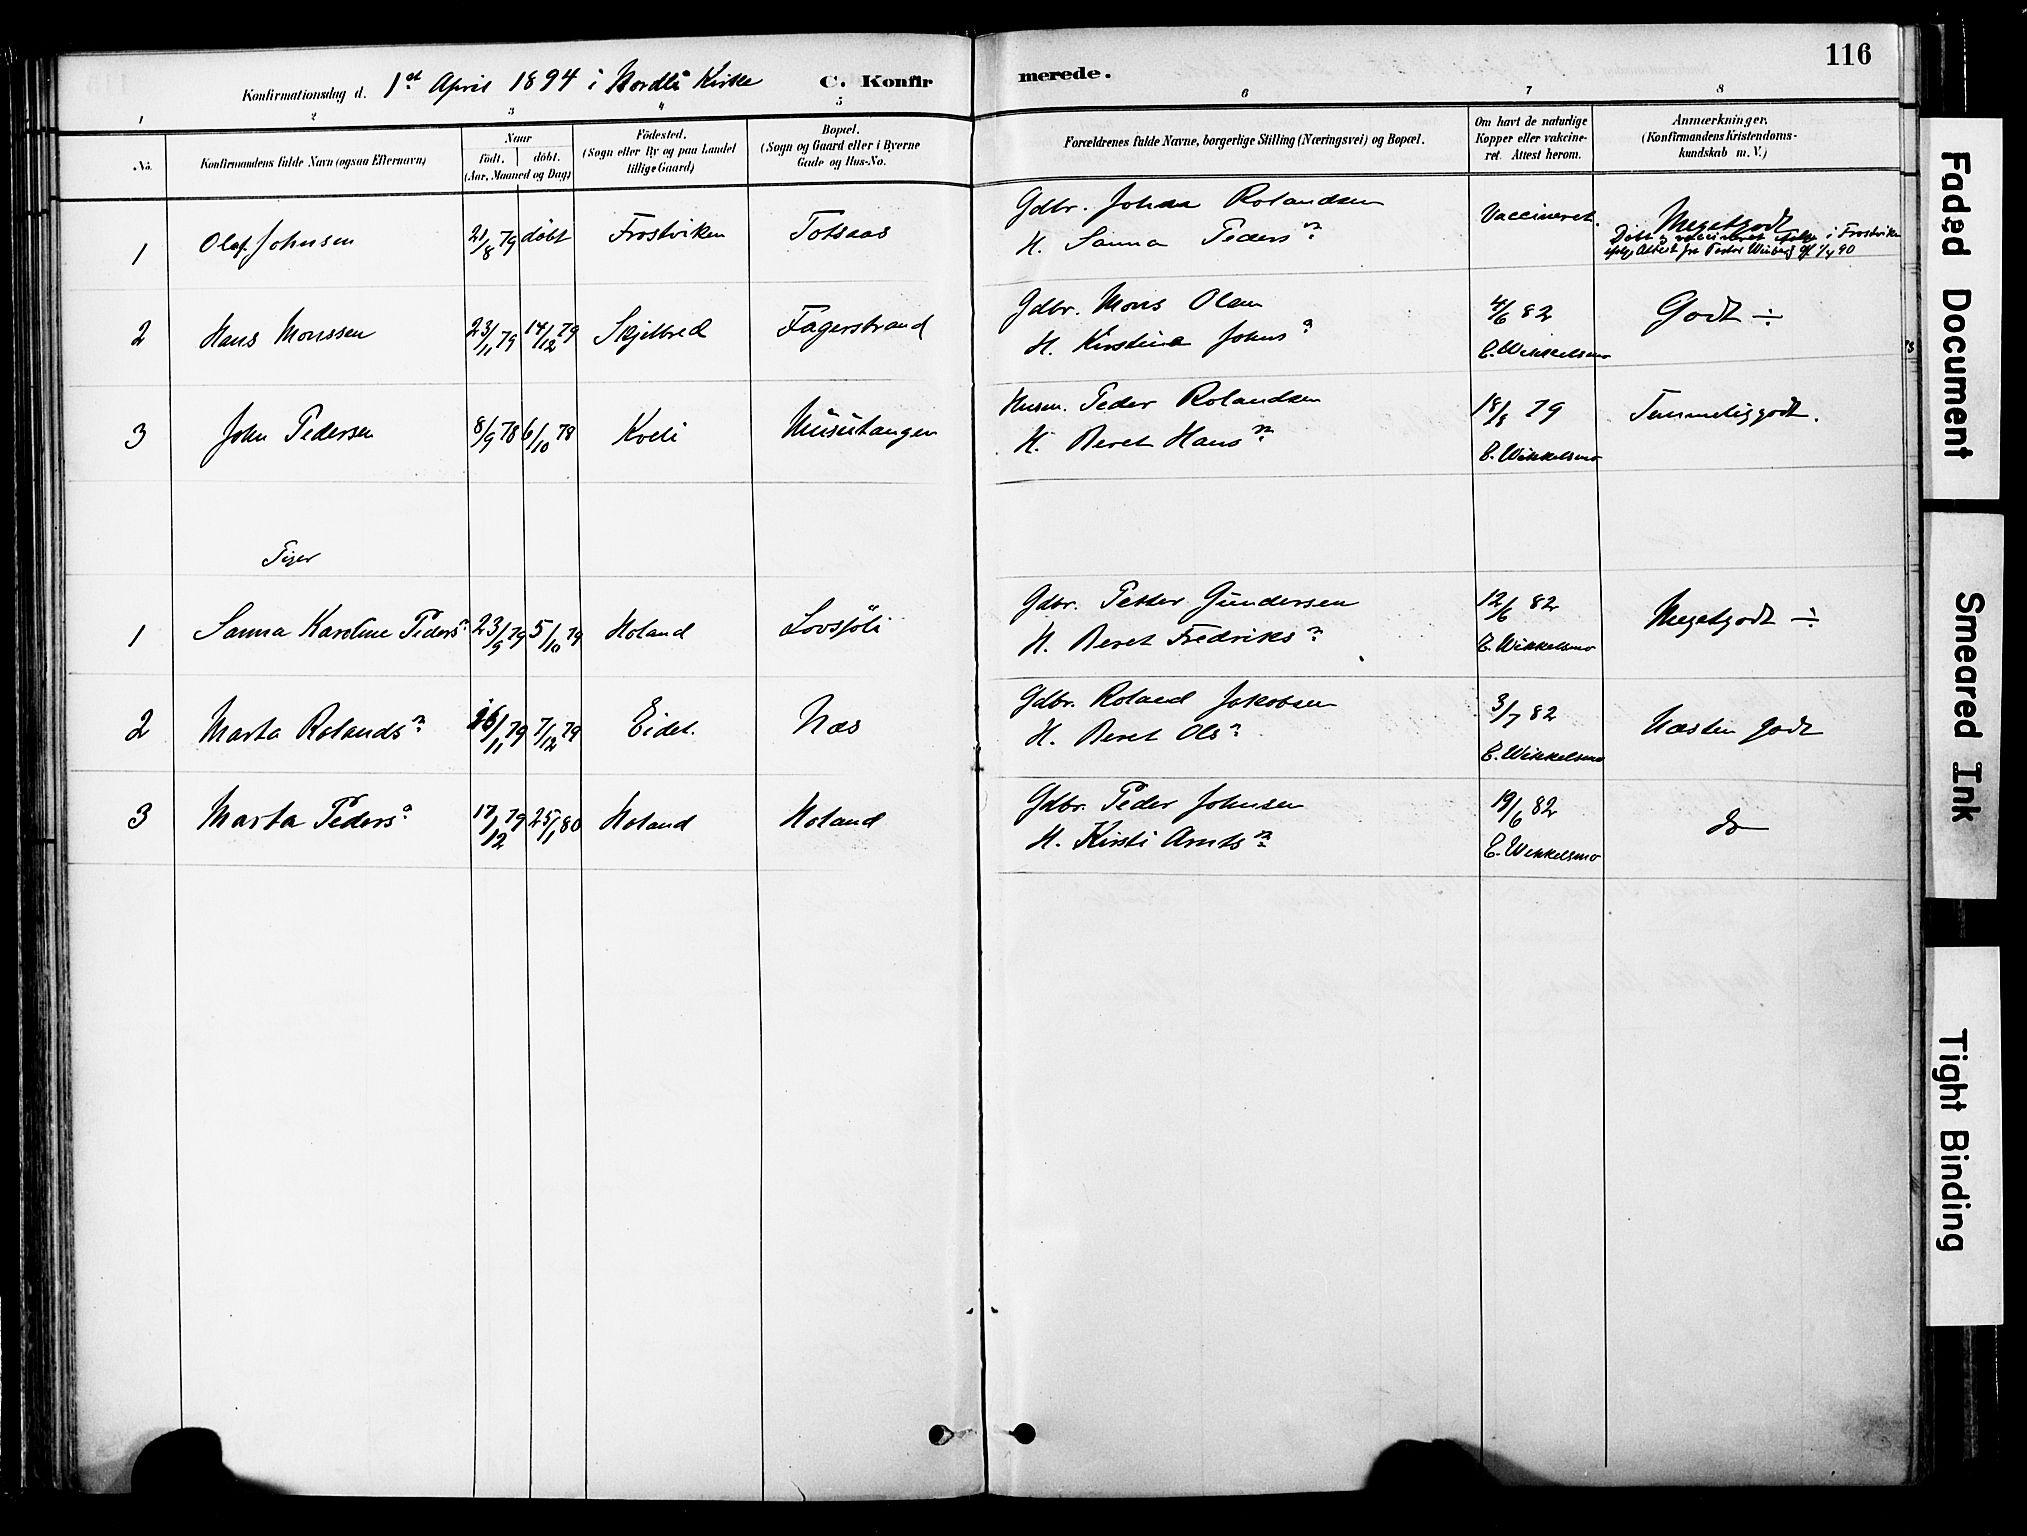 SAT, Ministerialprotokoller, klokkerbøker og fødselsregistre - Nord-Trøndelag, 755/L0494: Ministerialbok nr. 755A03, 1882-1902, s. 116